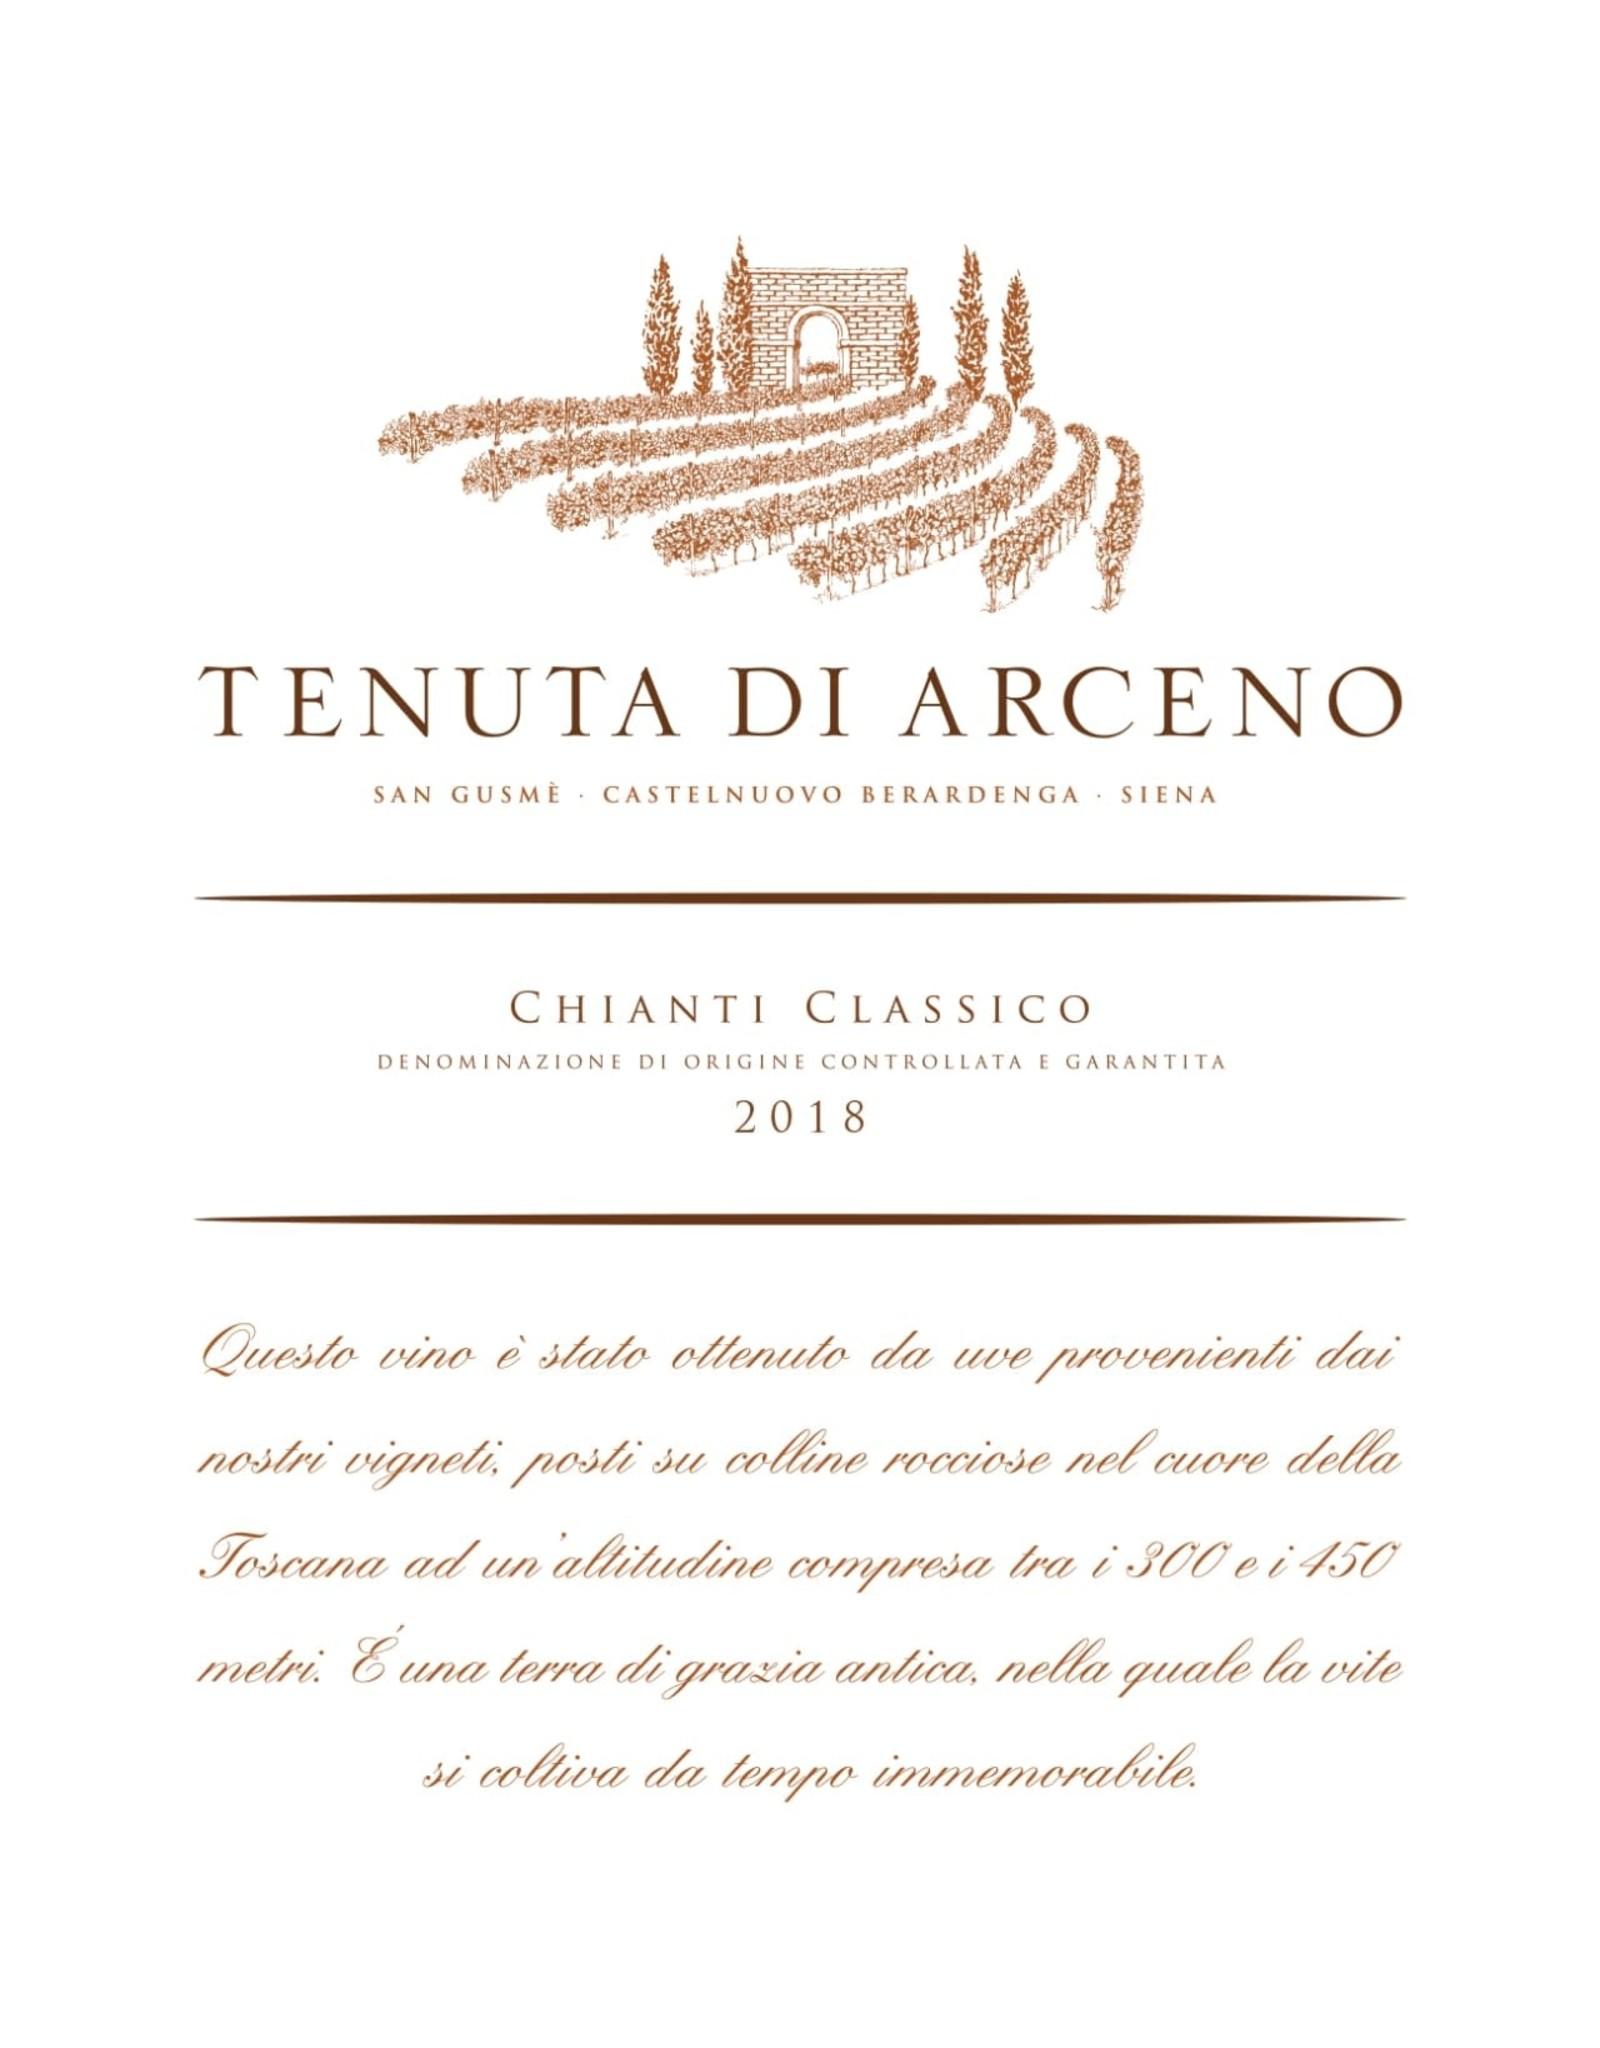 Tenuta di Arceno Tenuta di Arceno Chianti Classico, Tuscany 2018